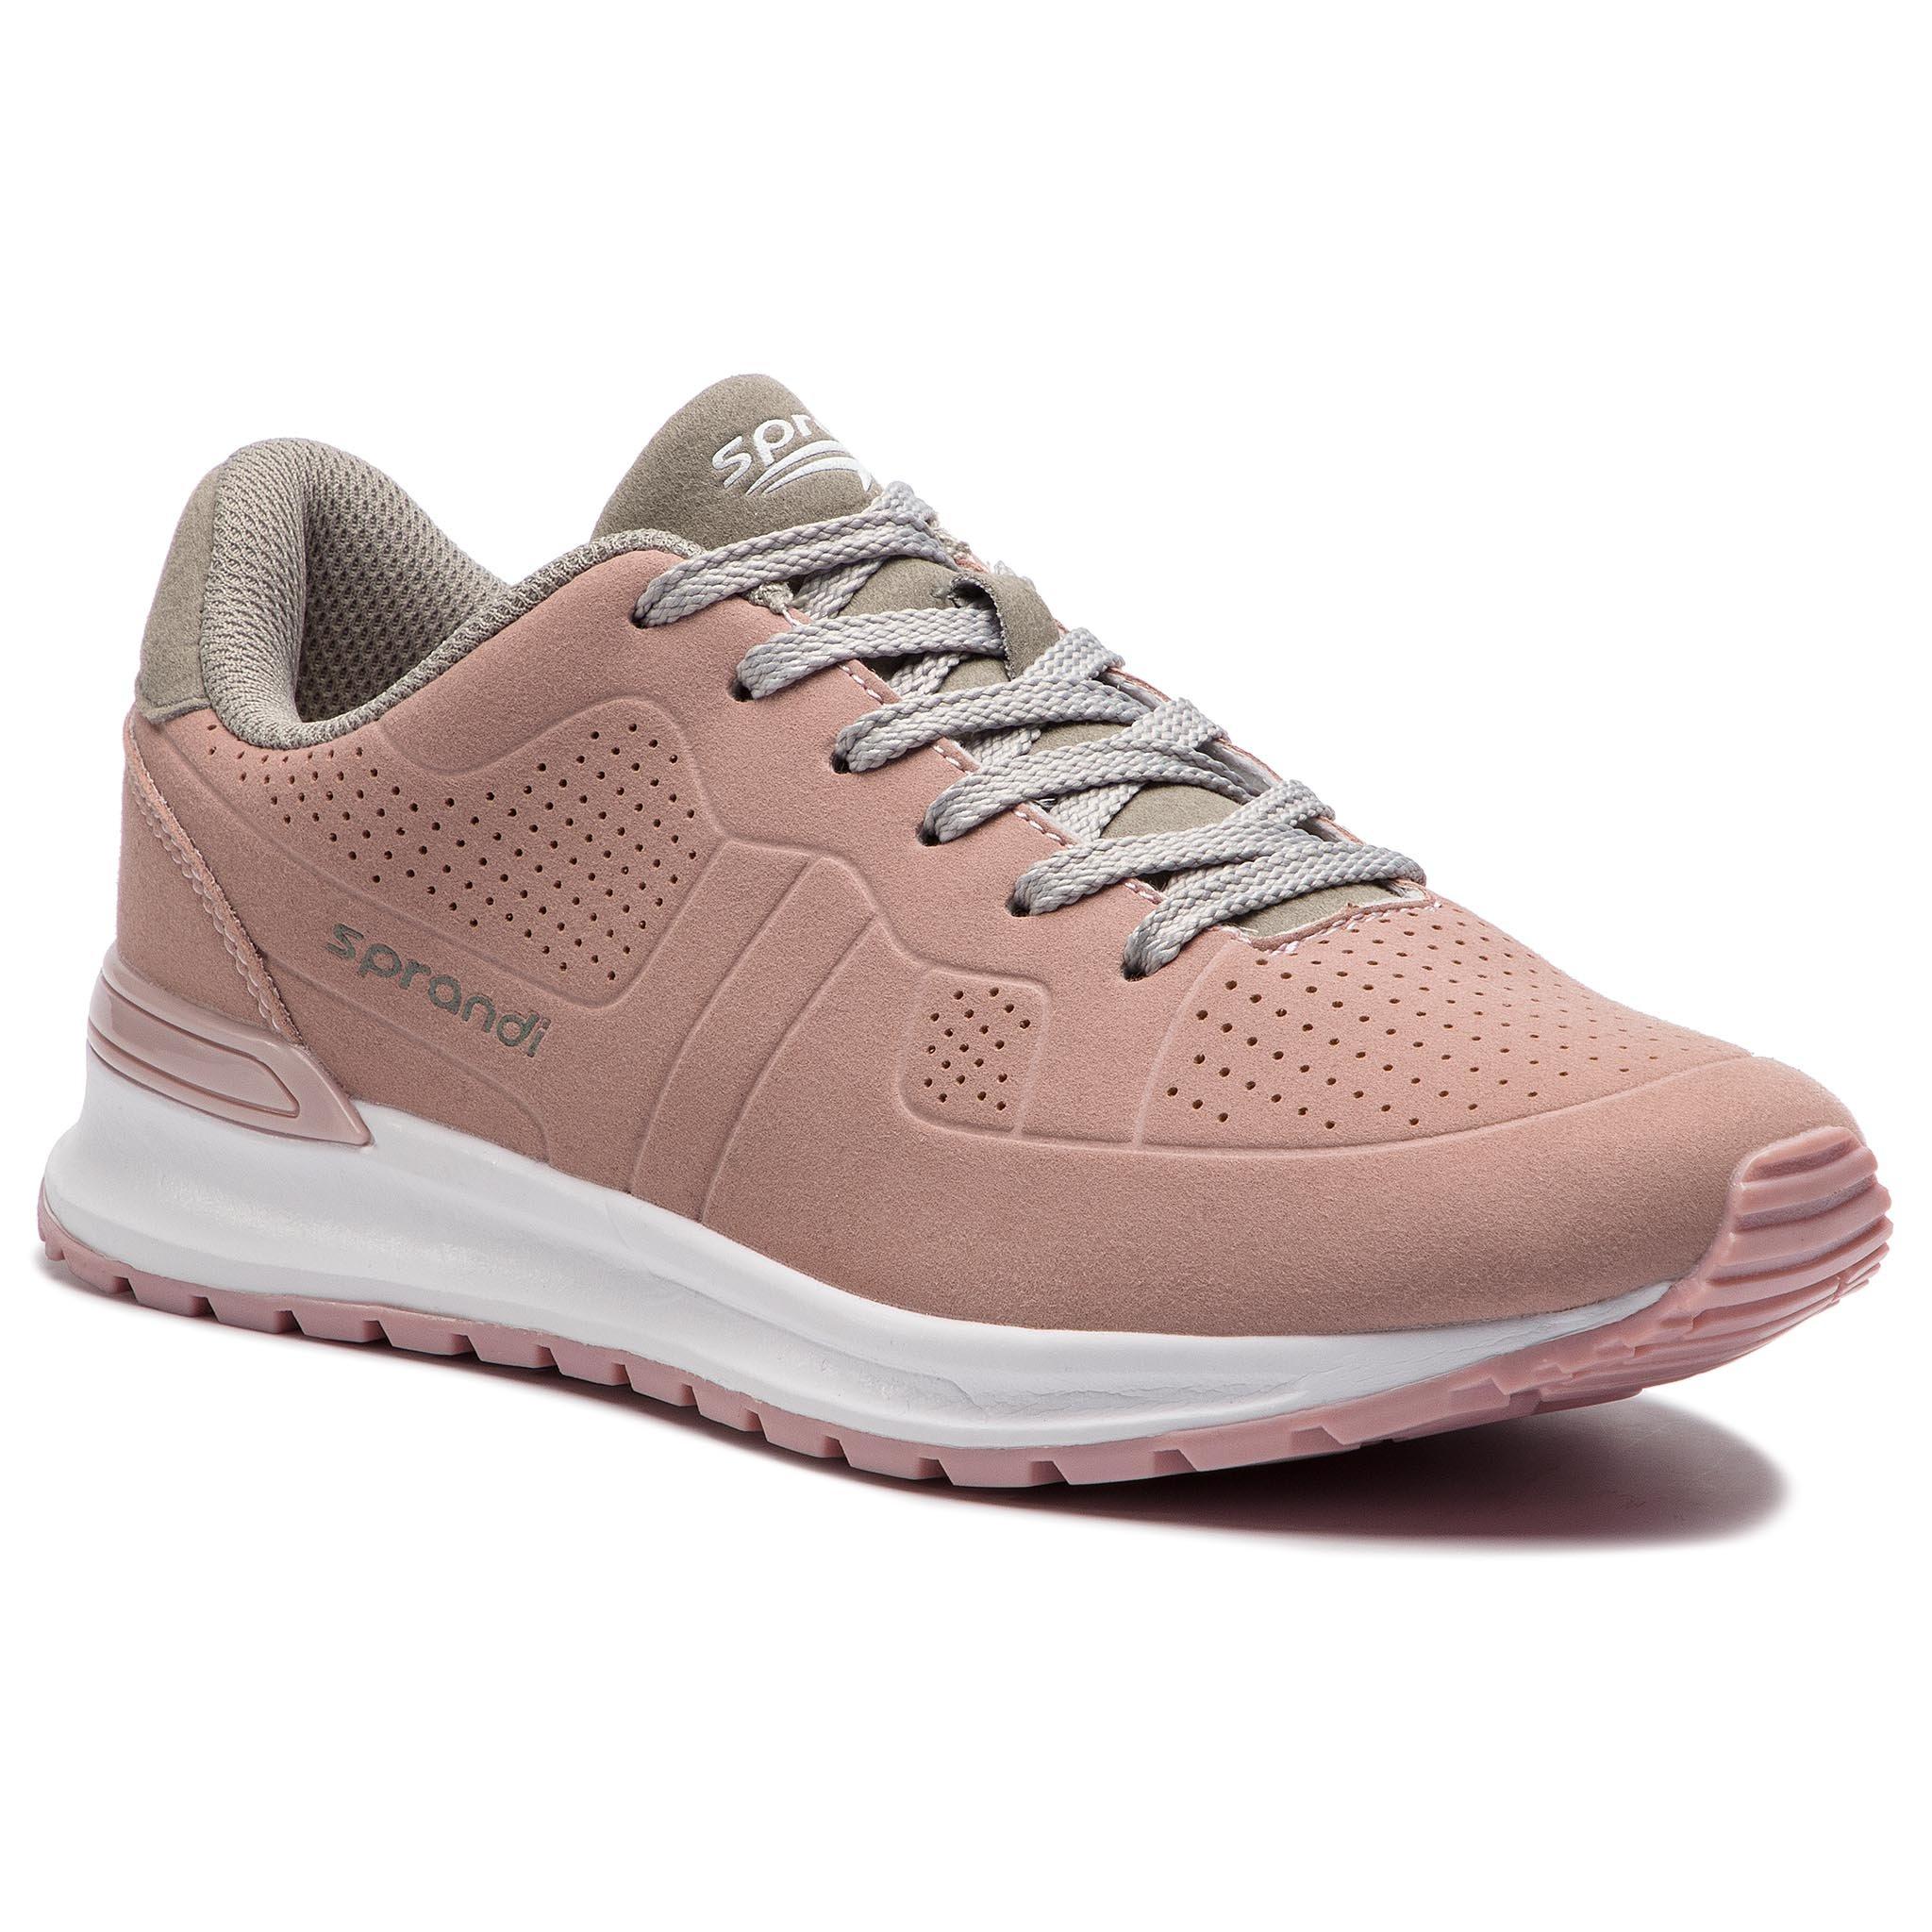 2ea6403019 Rekreačná obuv Sprandi WP07-15683-01 ružová Dámske - Značky - Sprandi -  https   ccc.eu